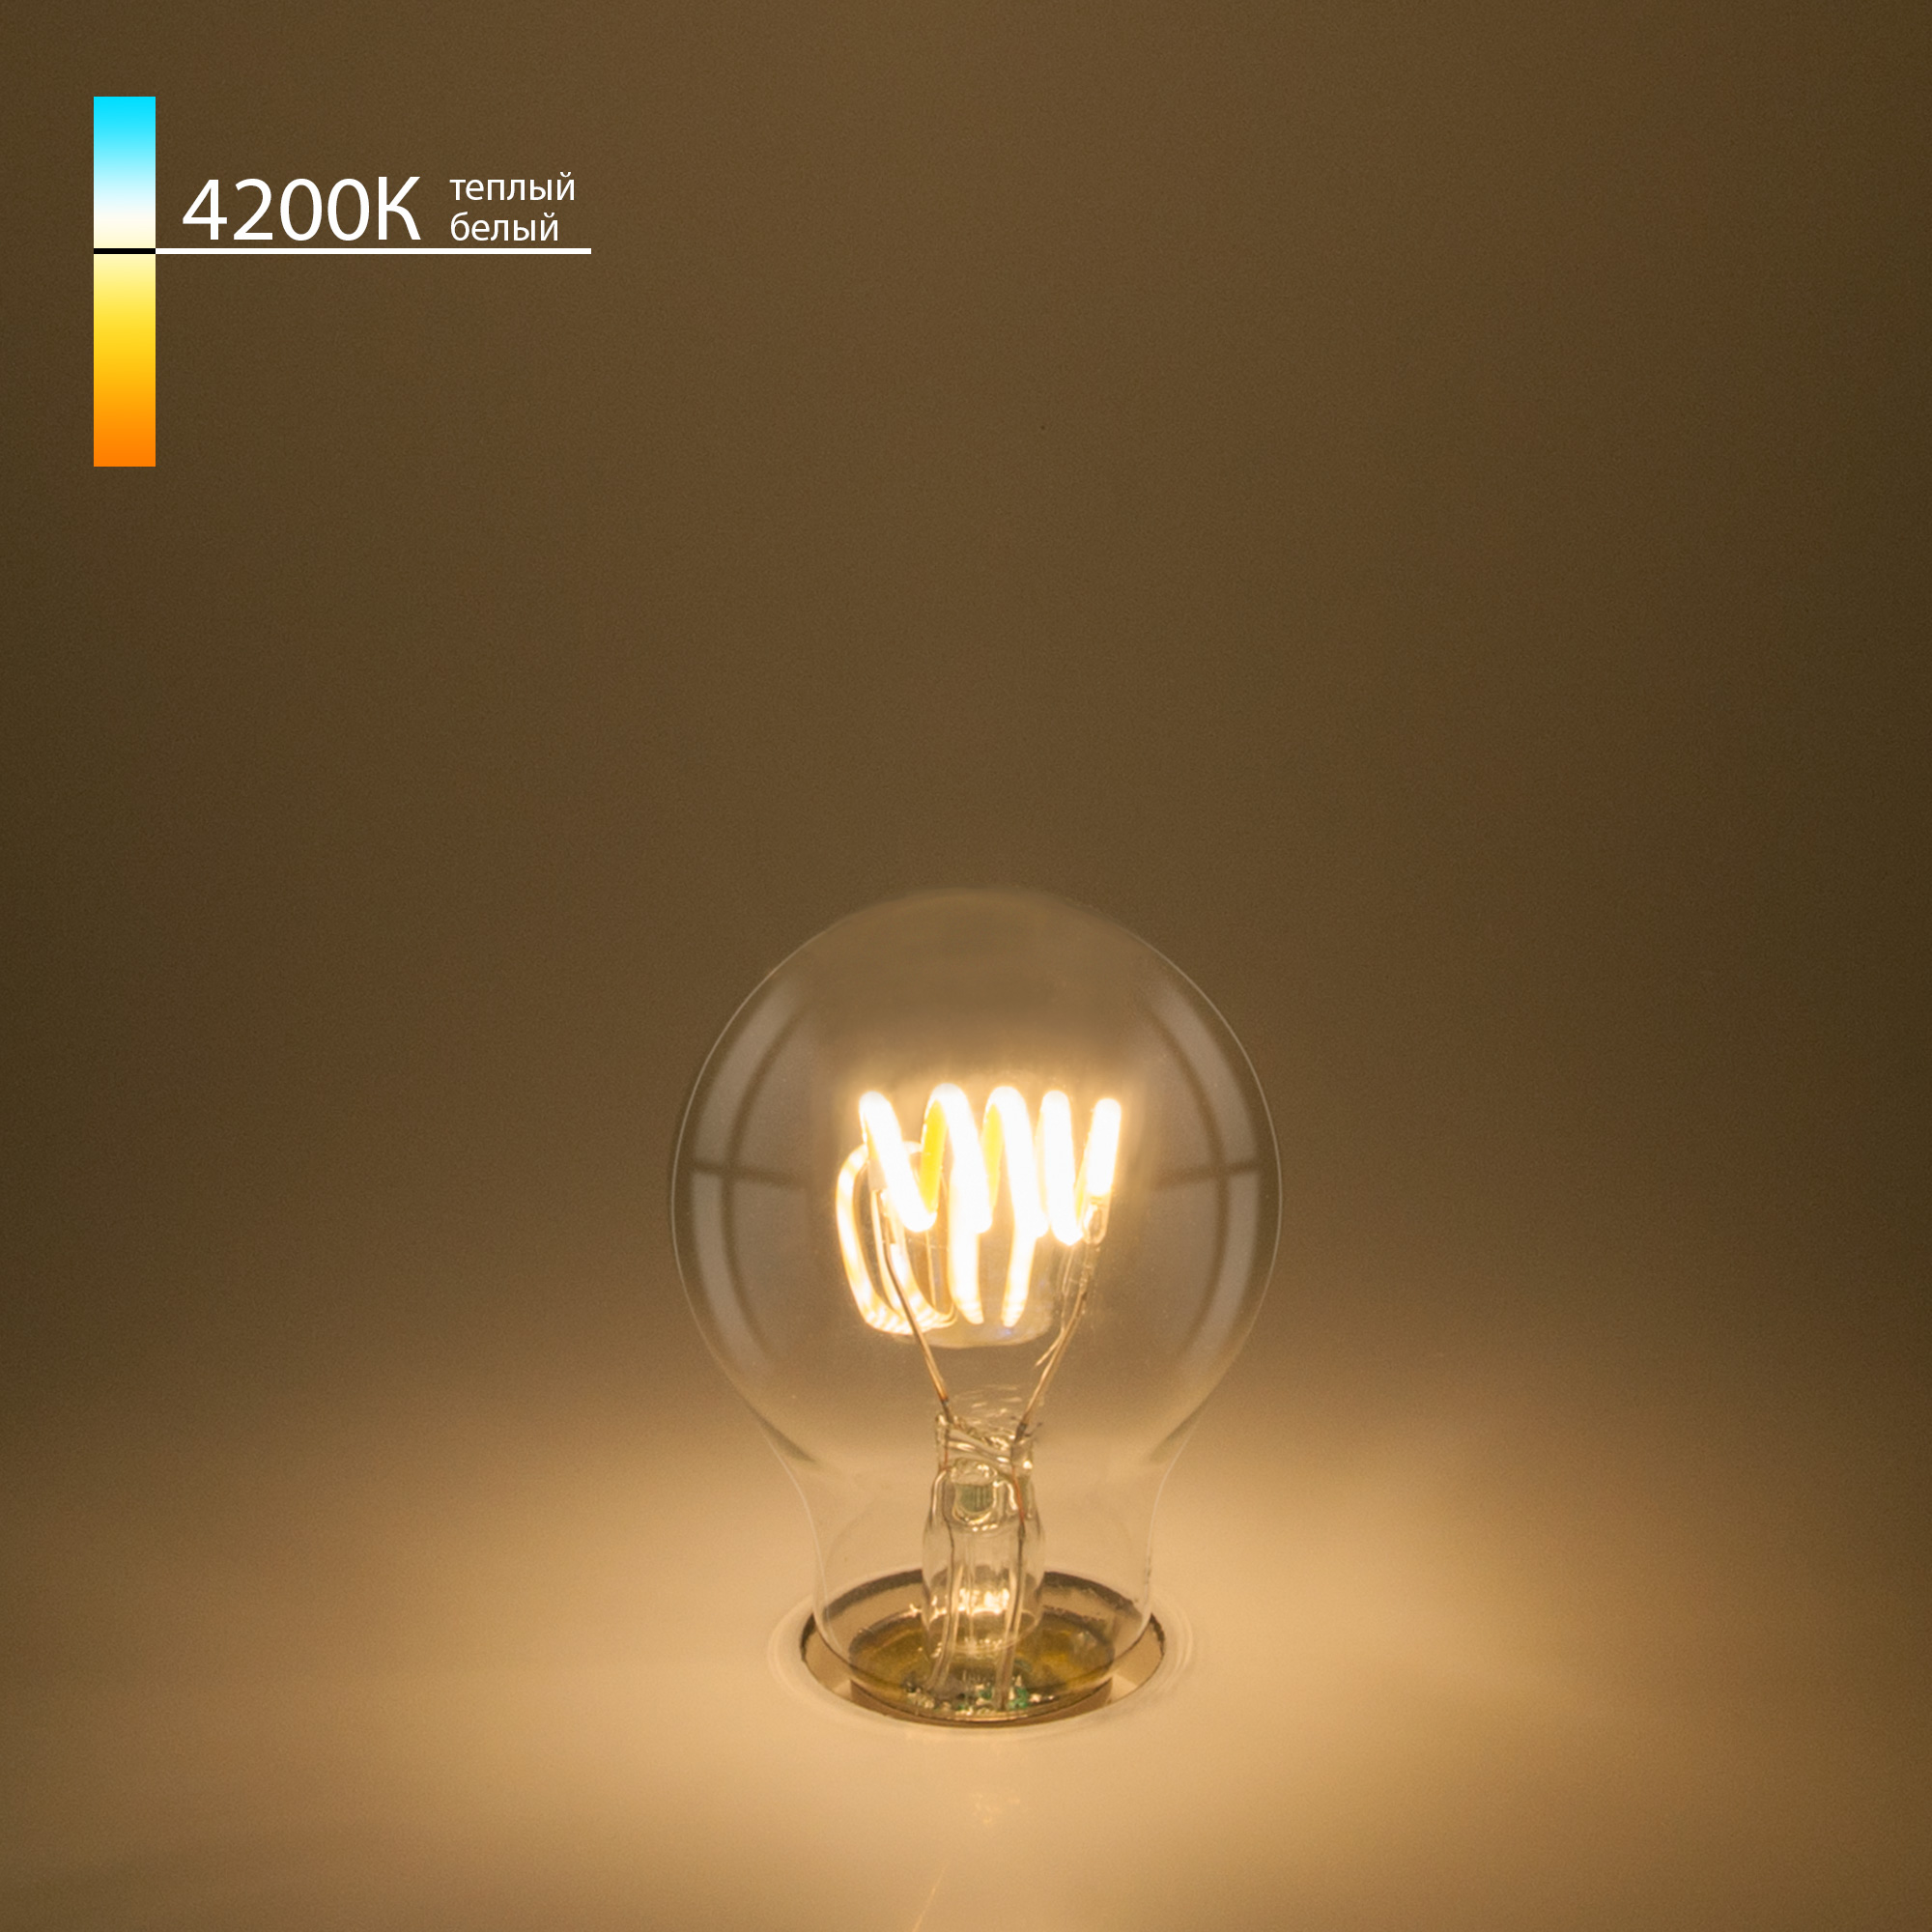 Филаментная лампа Classic FD 6W 4200K E27